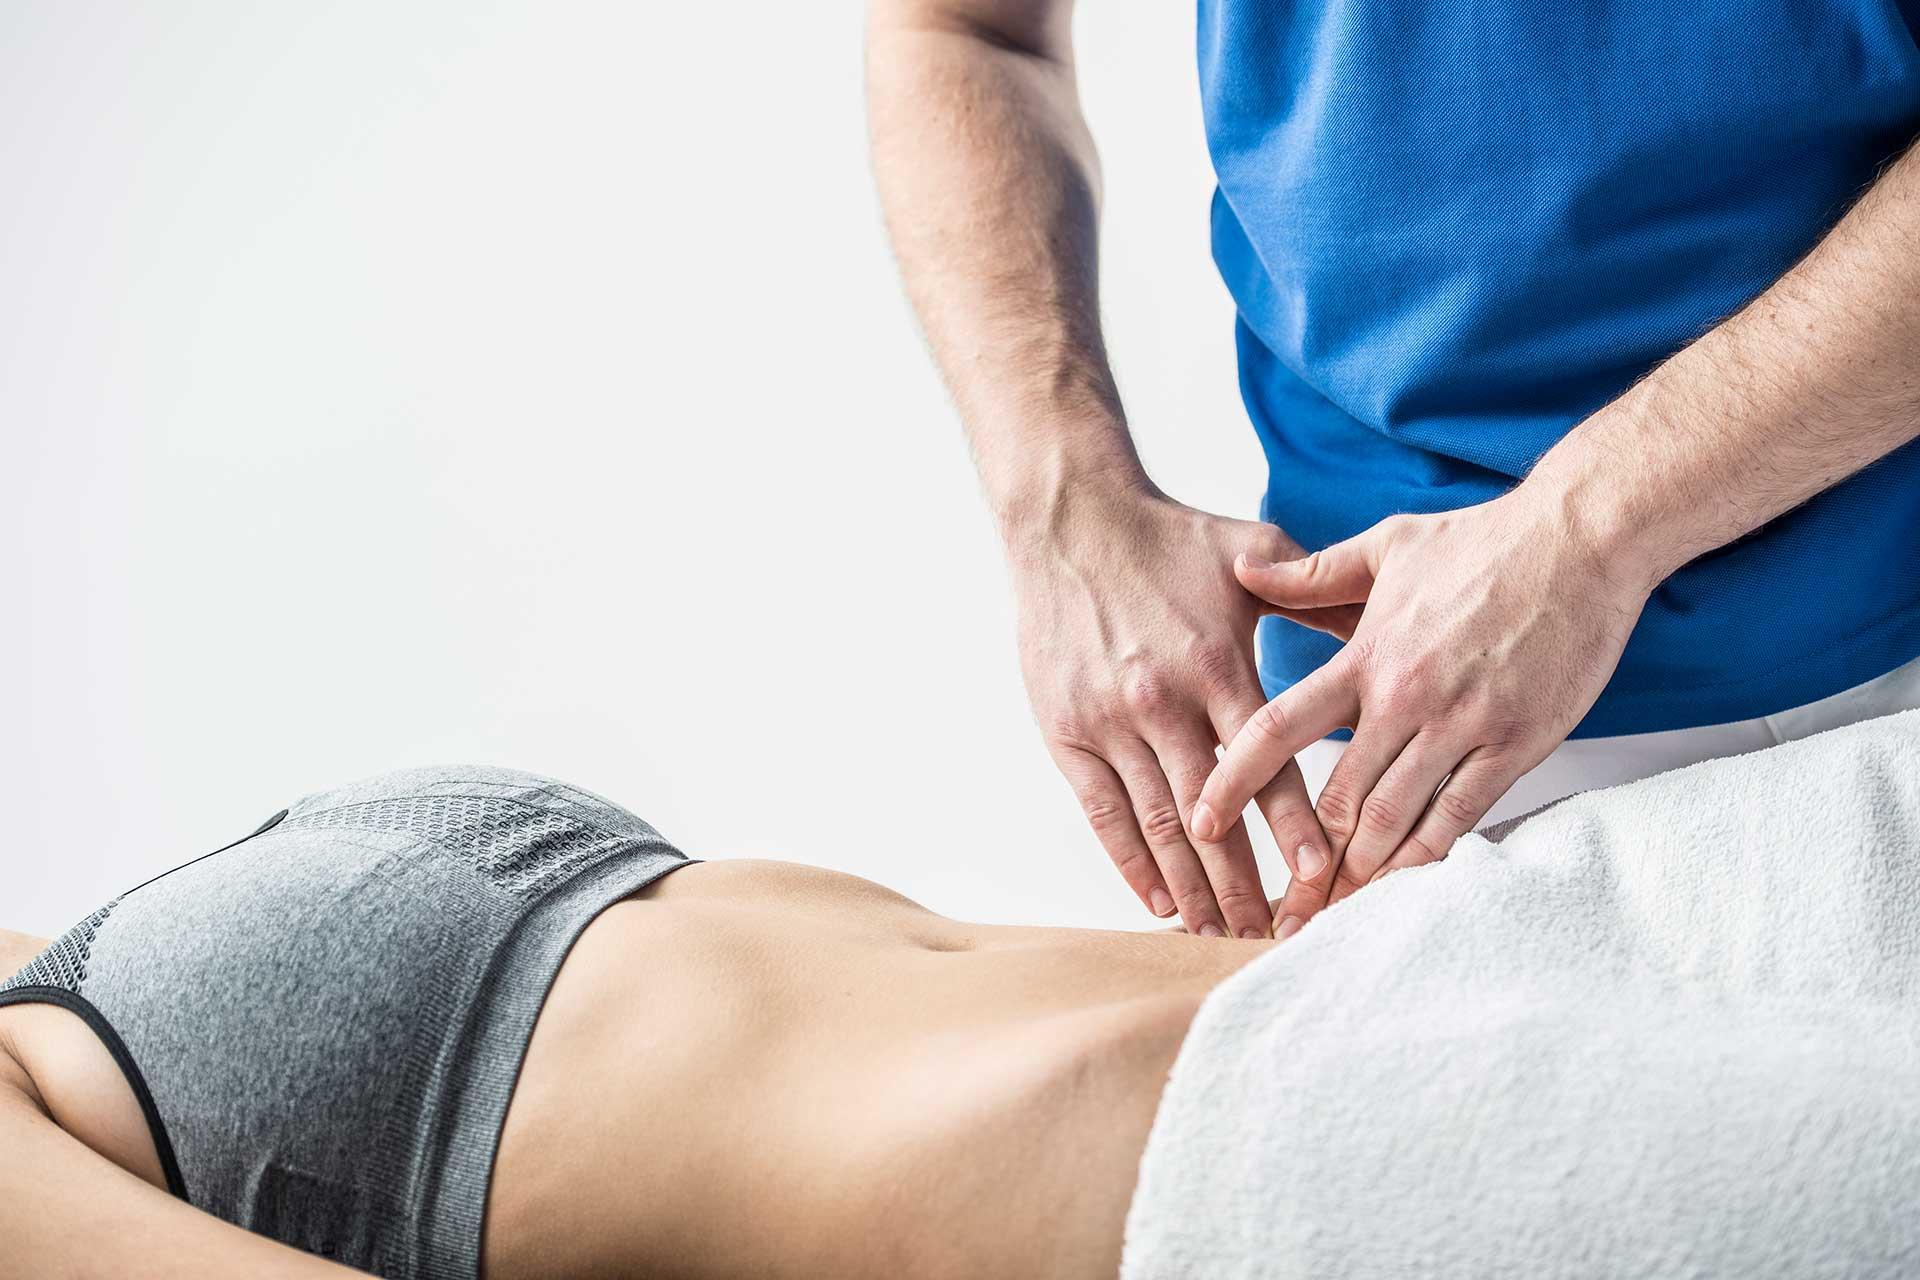 Die richtige Becken-Behandlung mit Hilfe von manueller Therapie und Krankengymnastik kann Rückenschmerzen und -beschwerden lindern